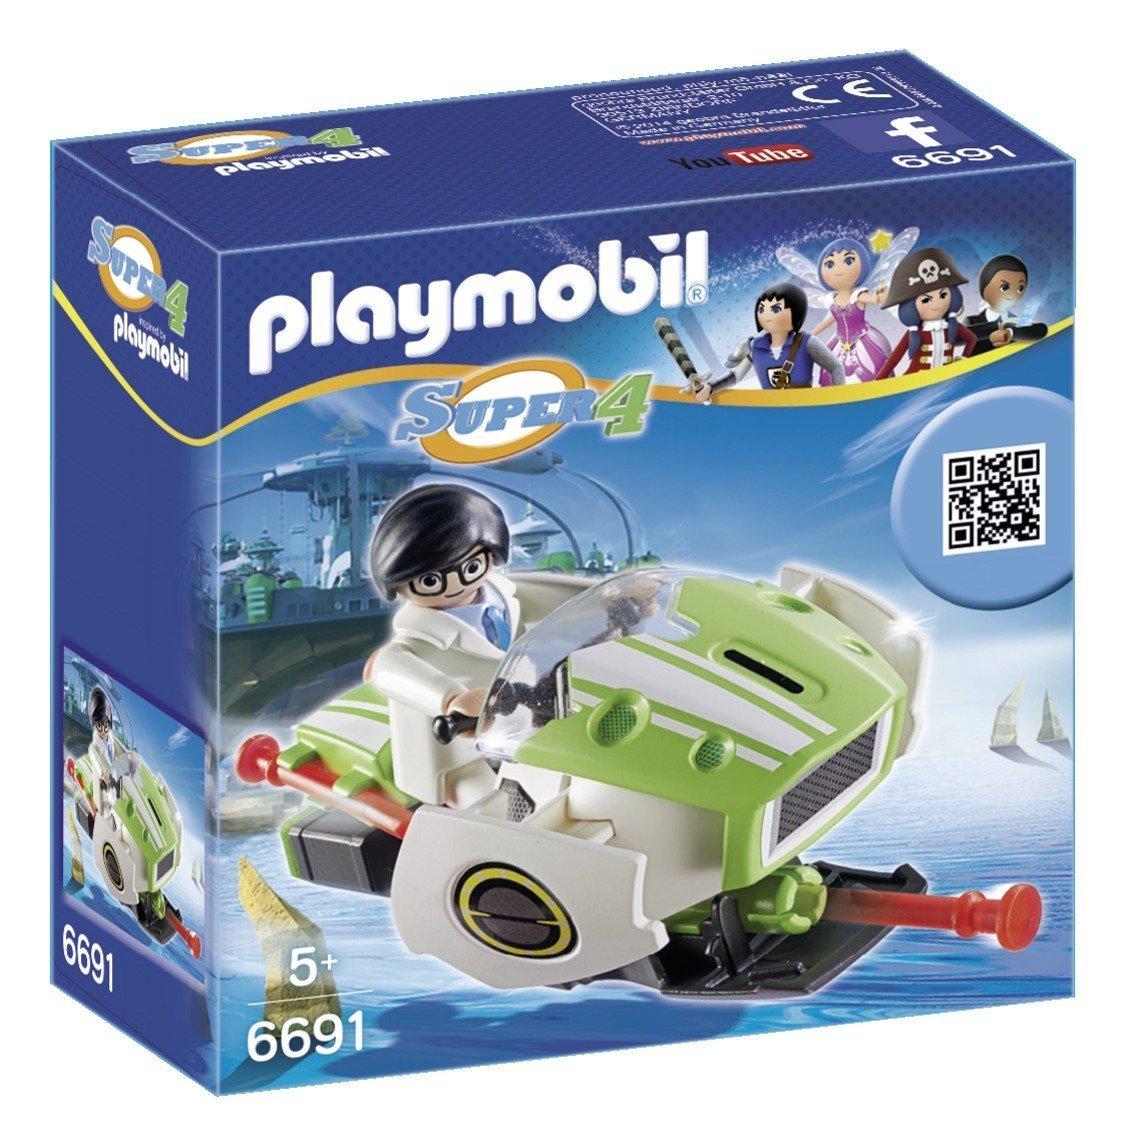 Playmobil Super 4 Skyjet